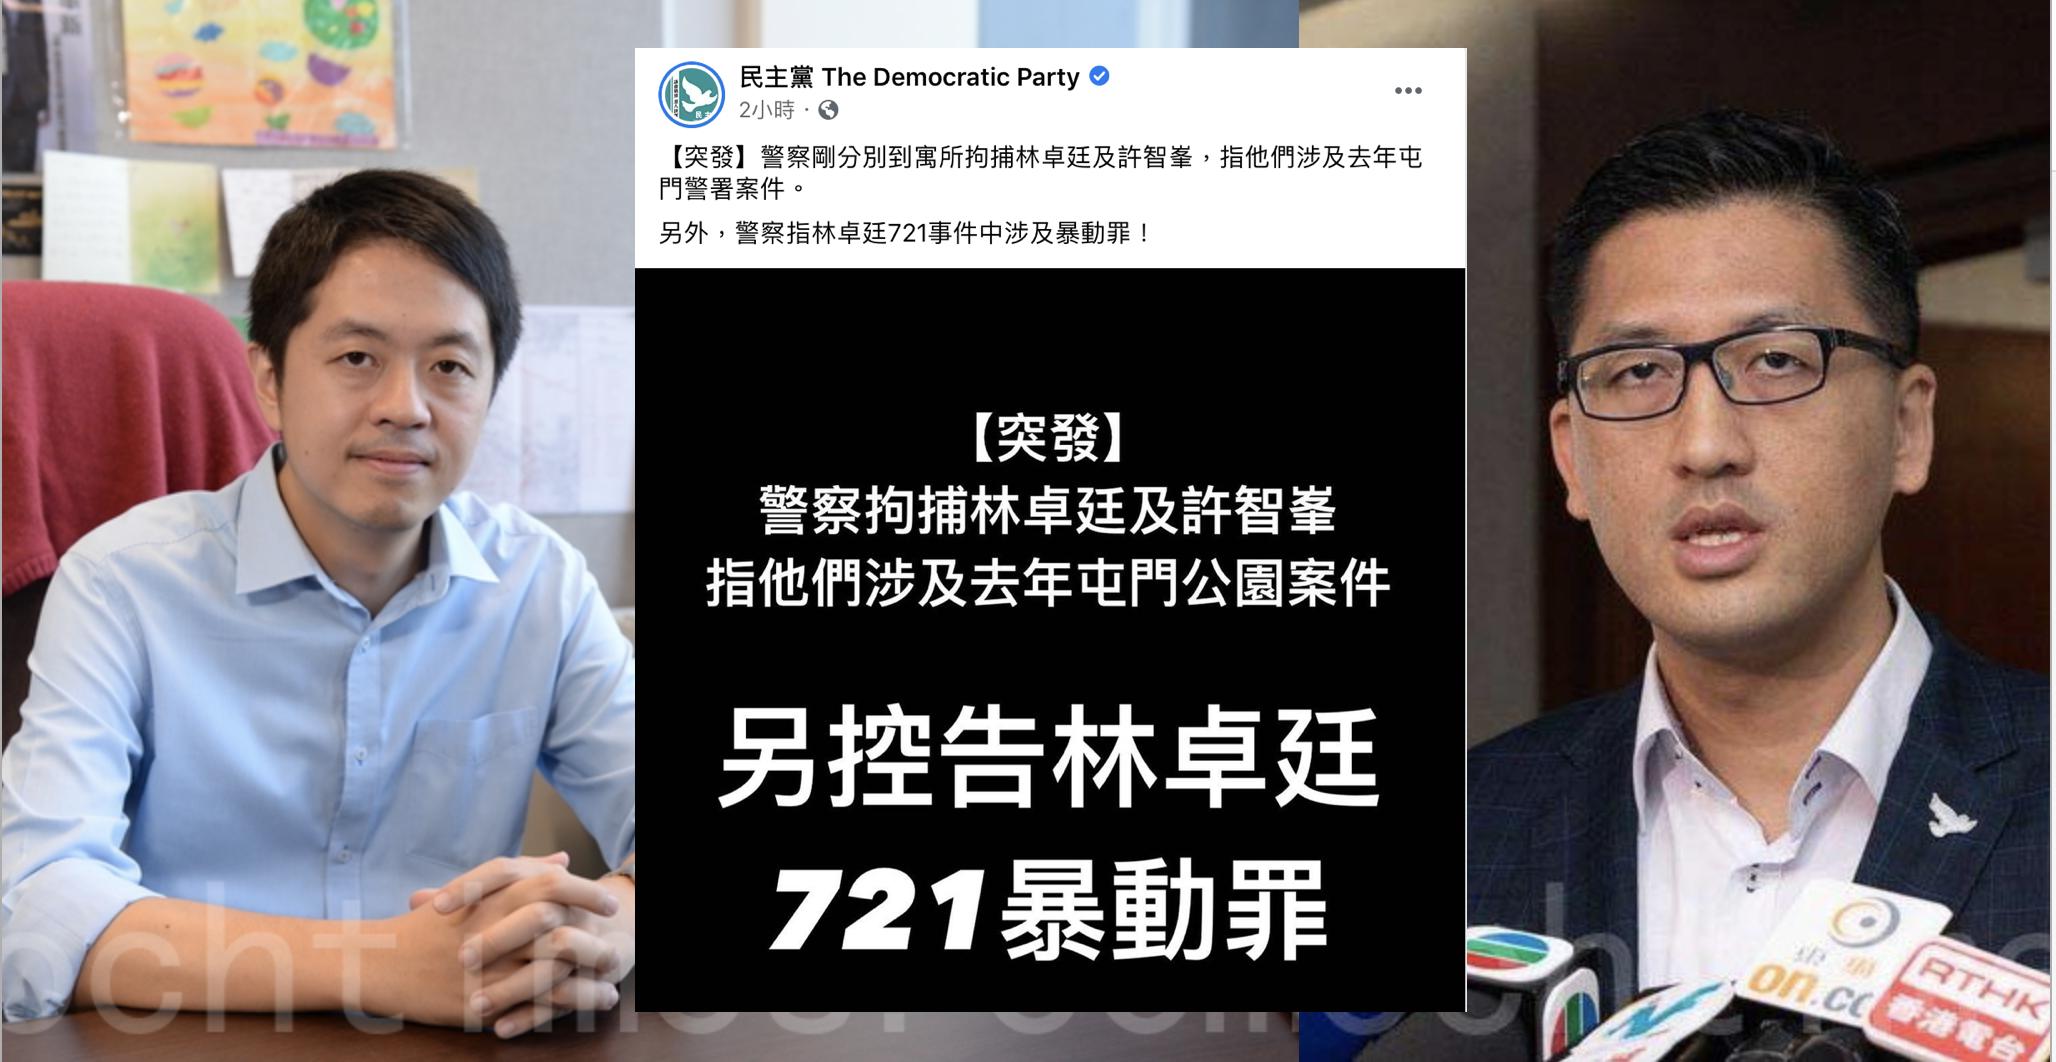 民主黨林卓廷(右)、許智峯於8月26日清晨被警方上門拘捕。(大紀元合成圖)